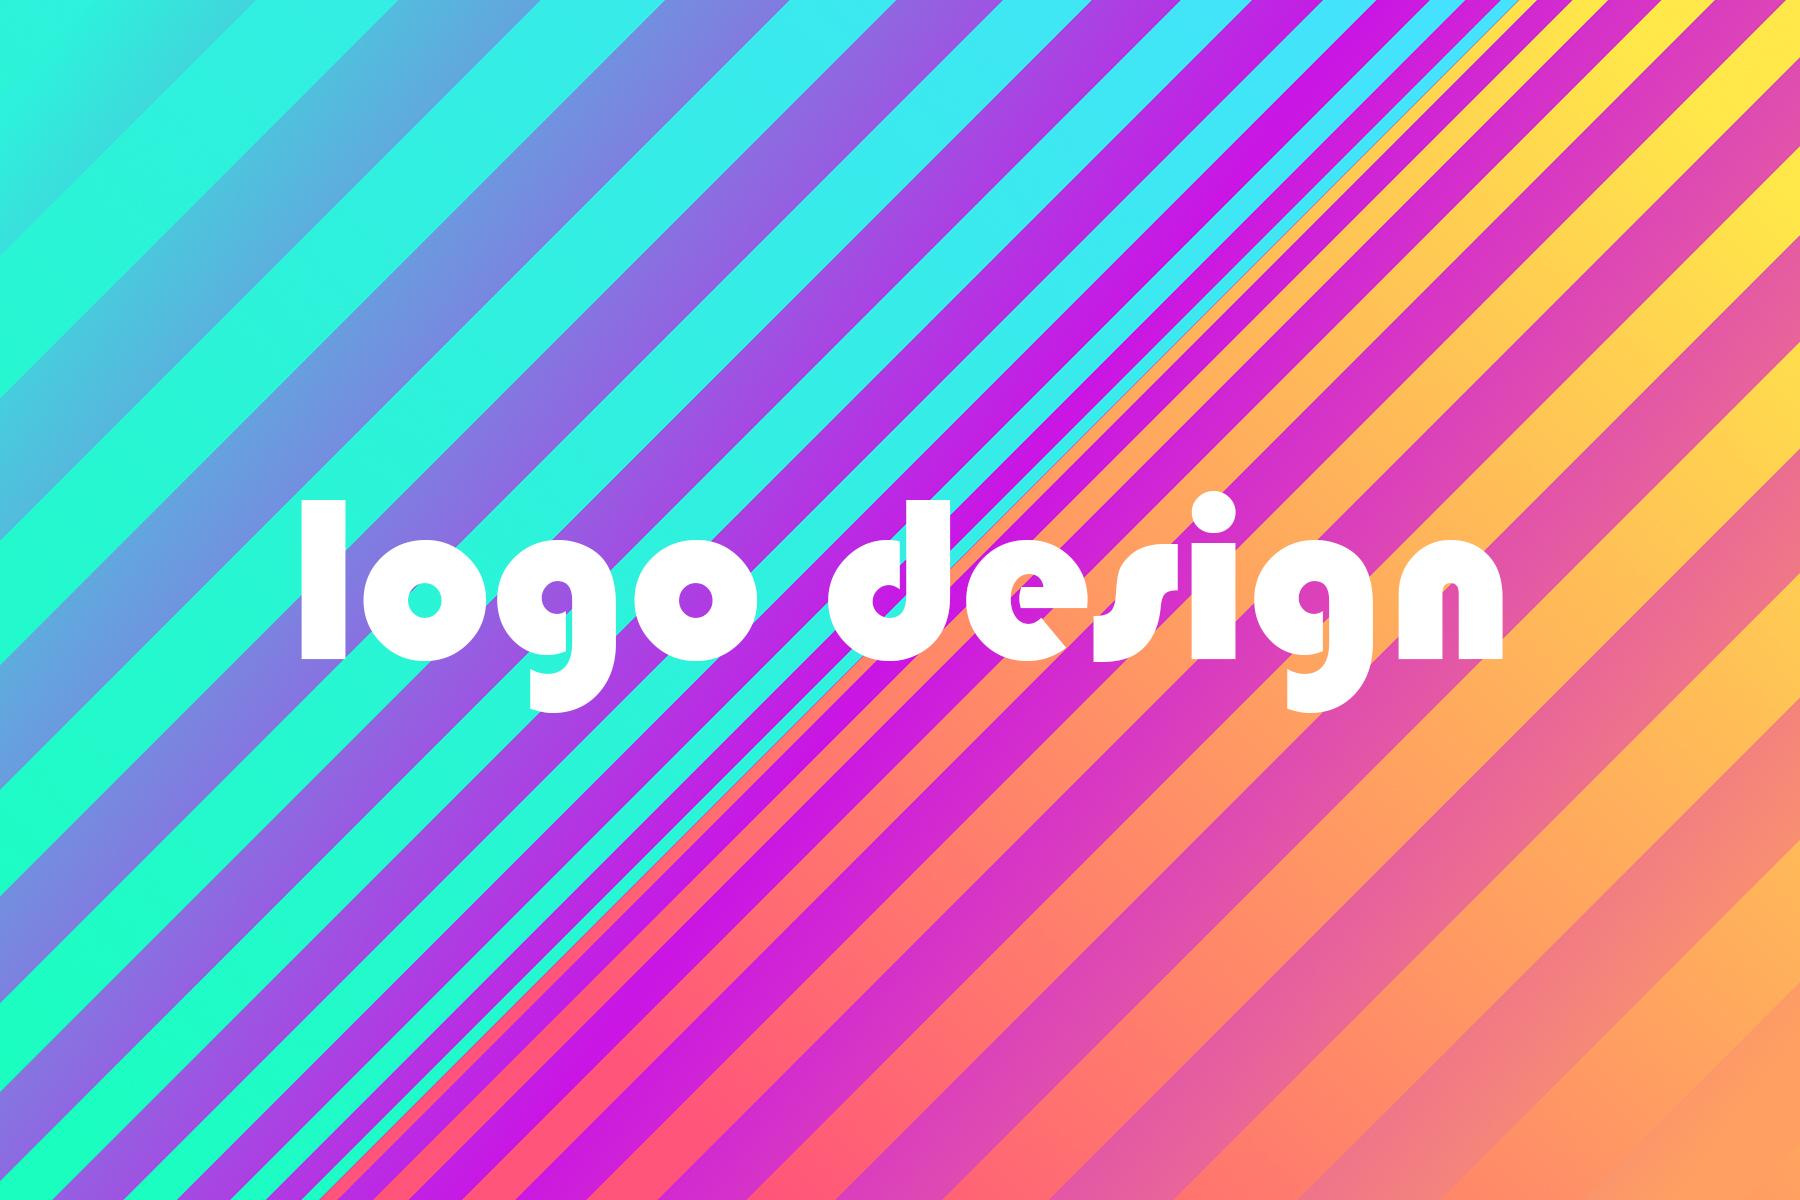 logodesigncover.jpg